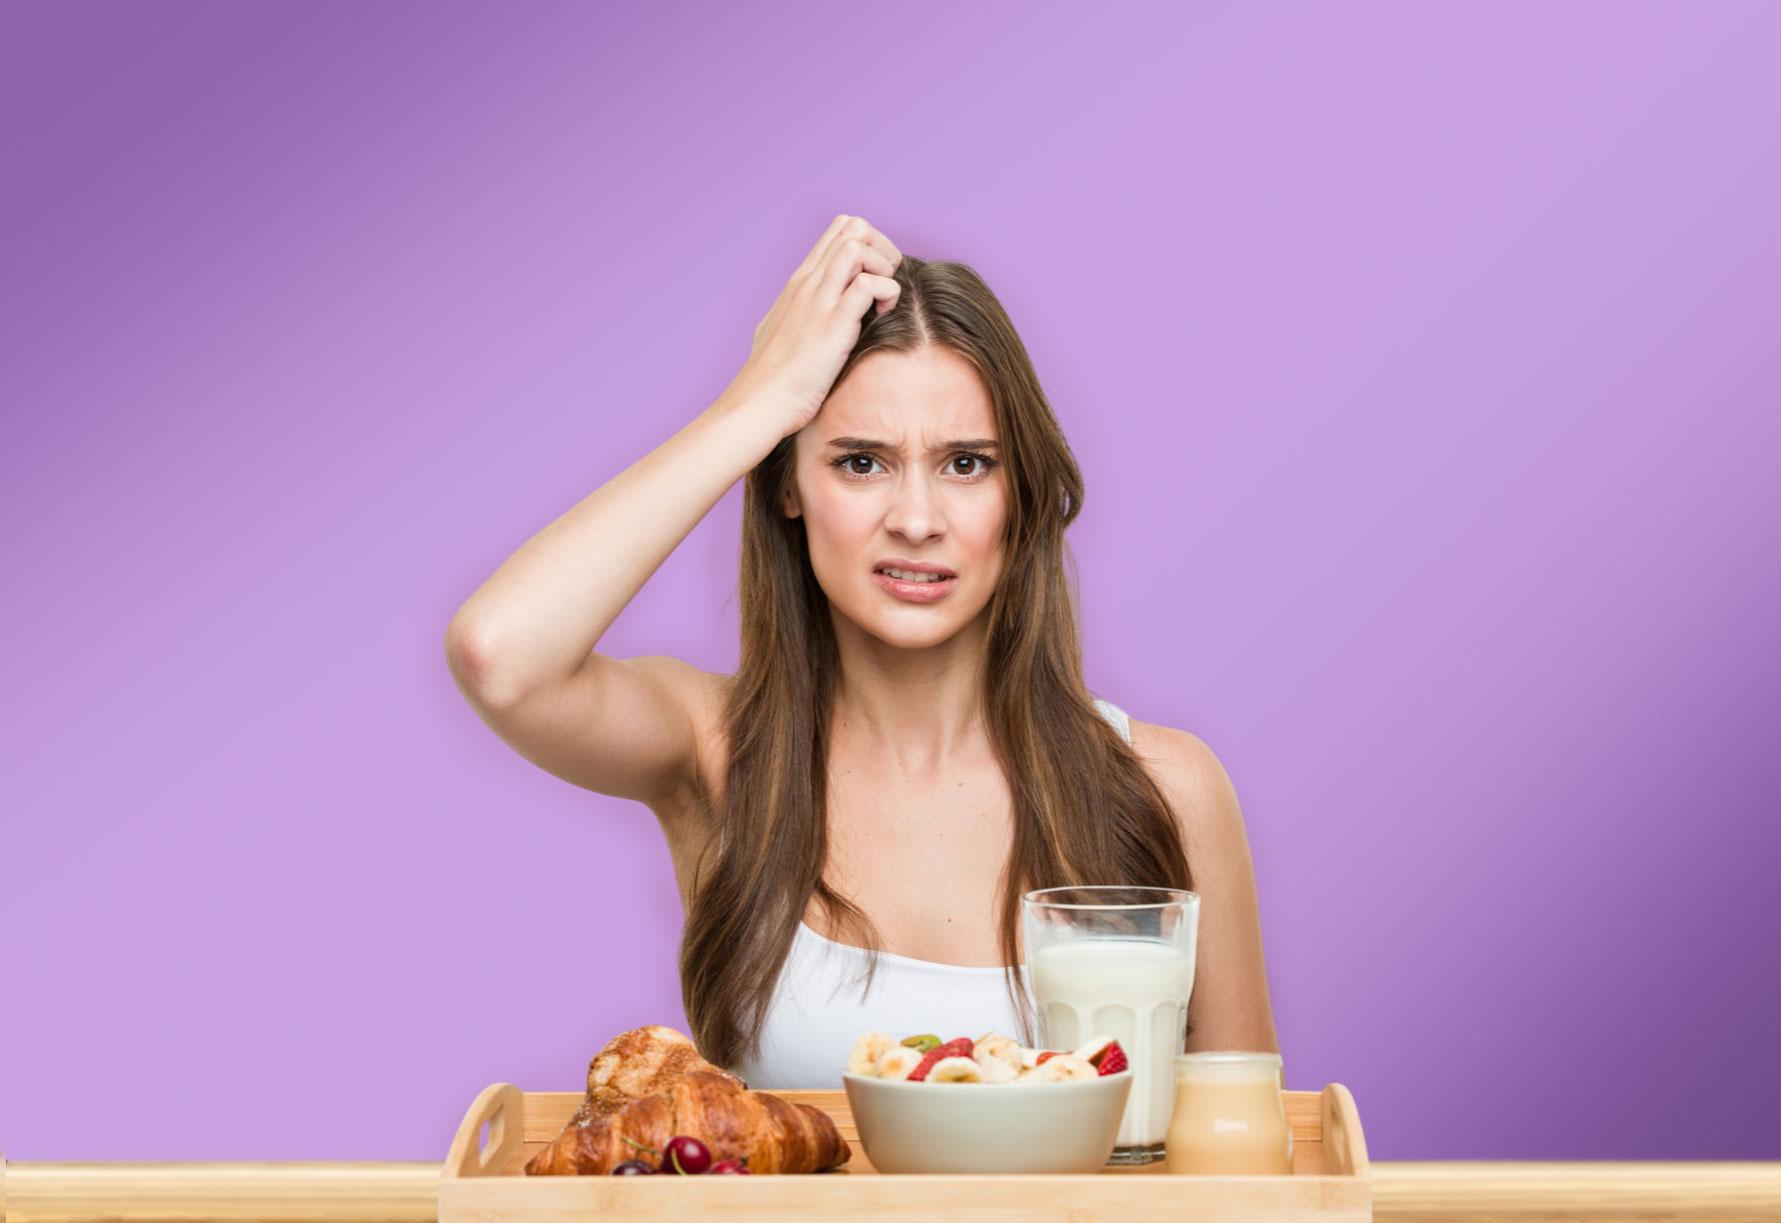 Những sai lầm khi giảm cân mà bạn nên biết - Ảnh 2.